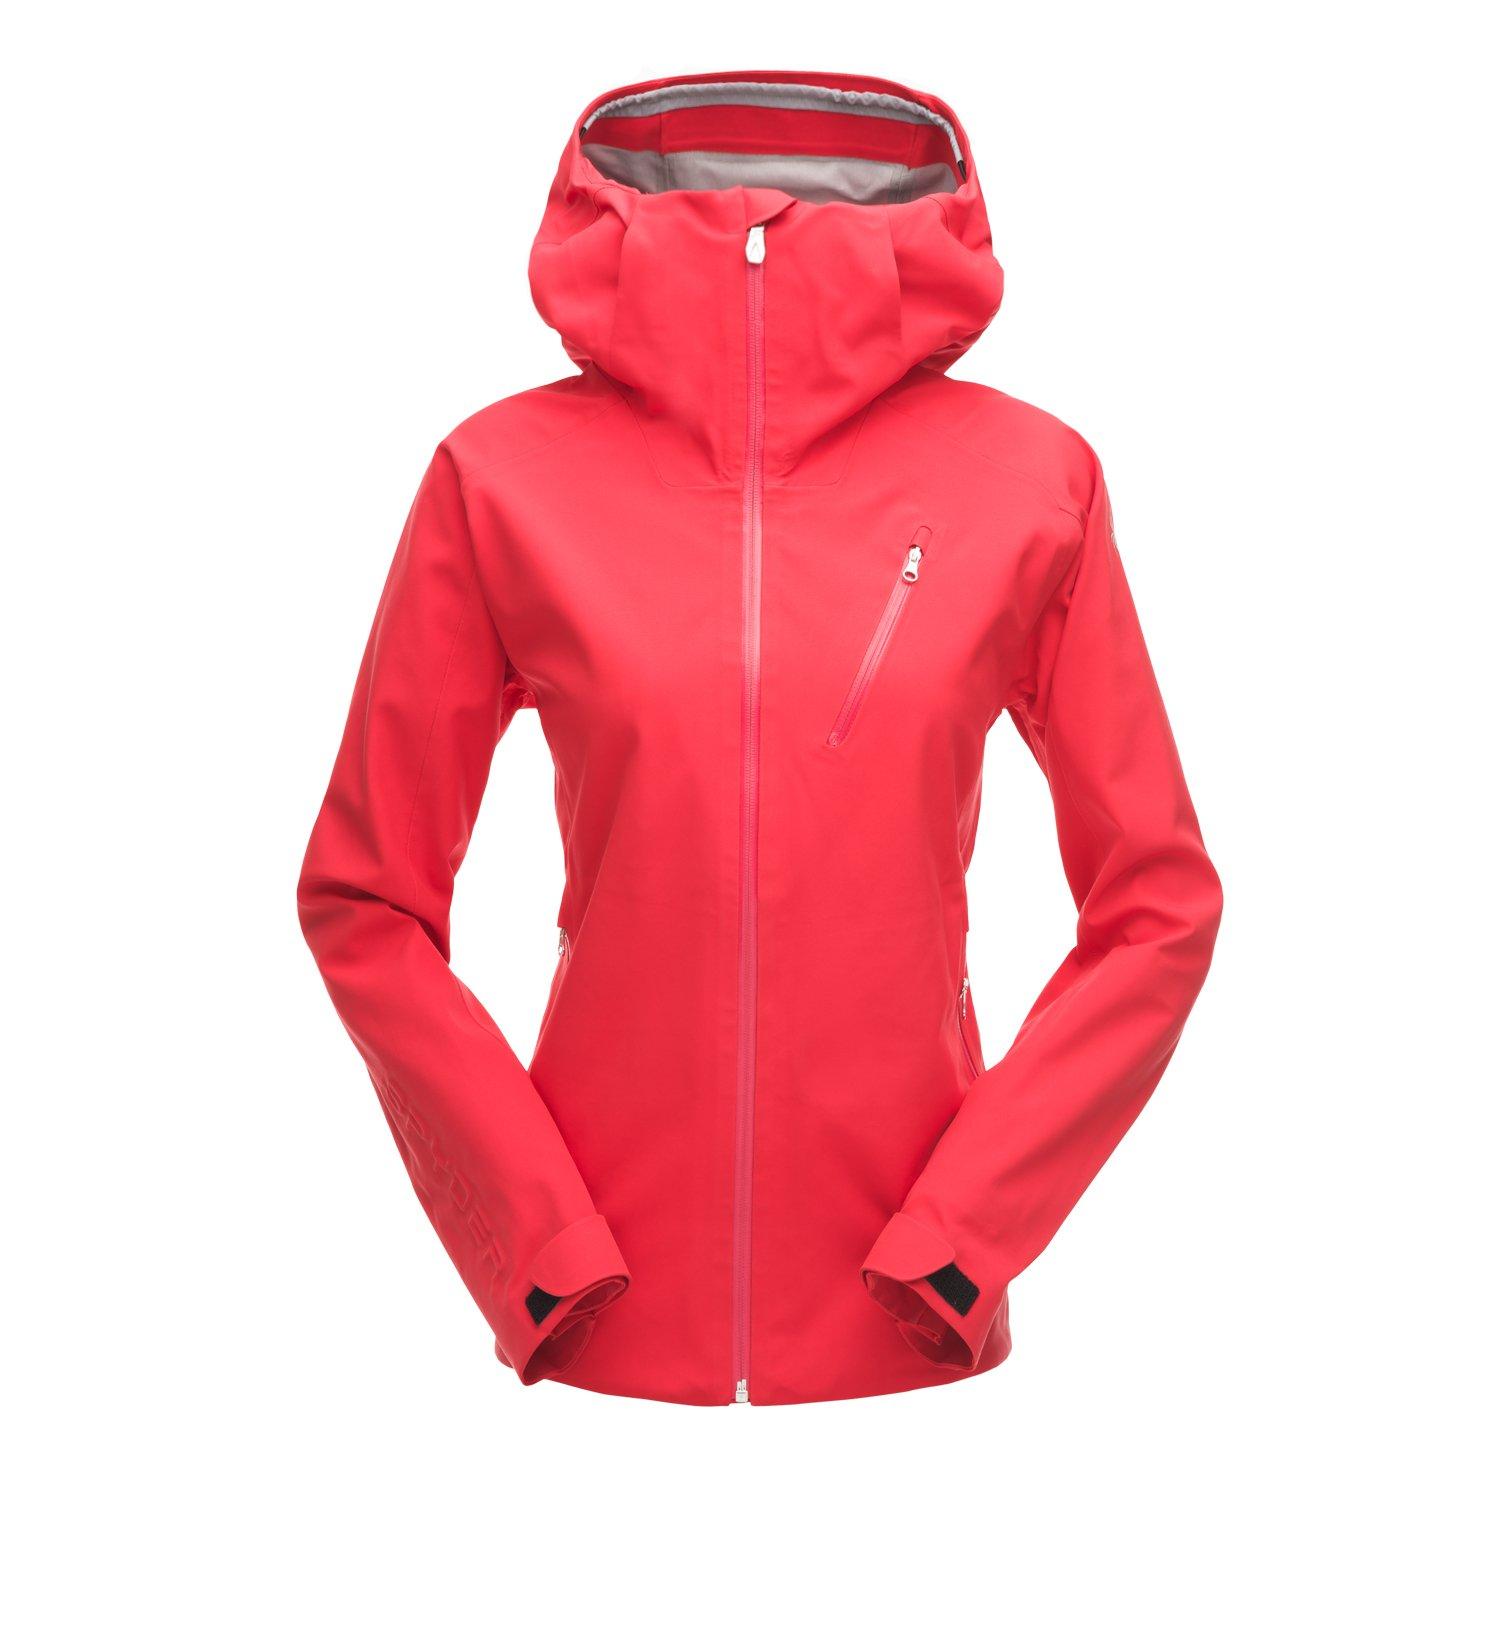 Women's Jagged Shell Jacket